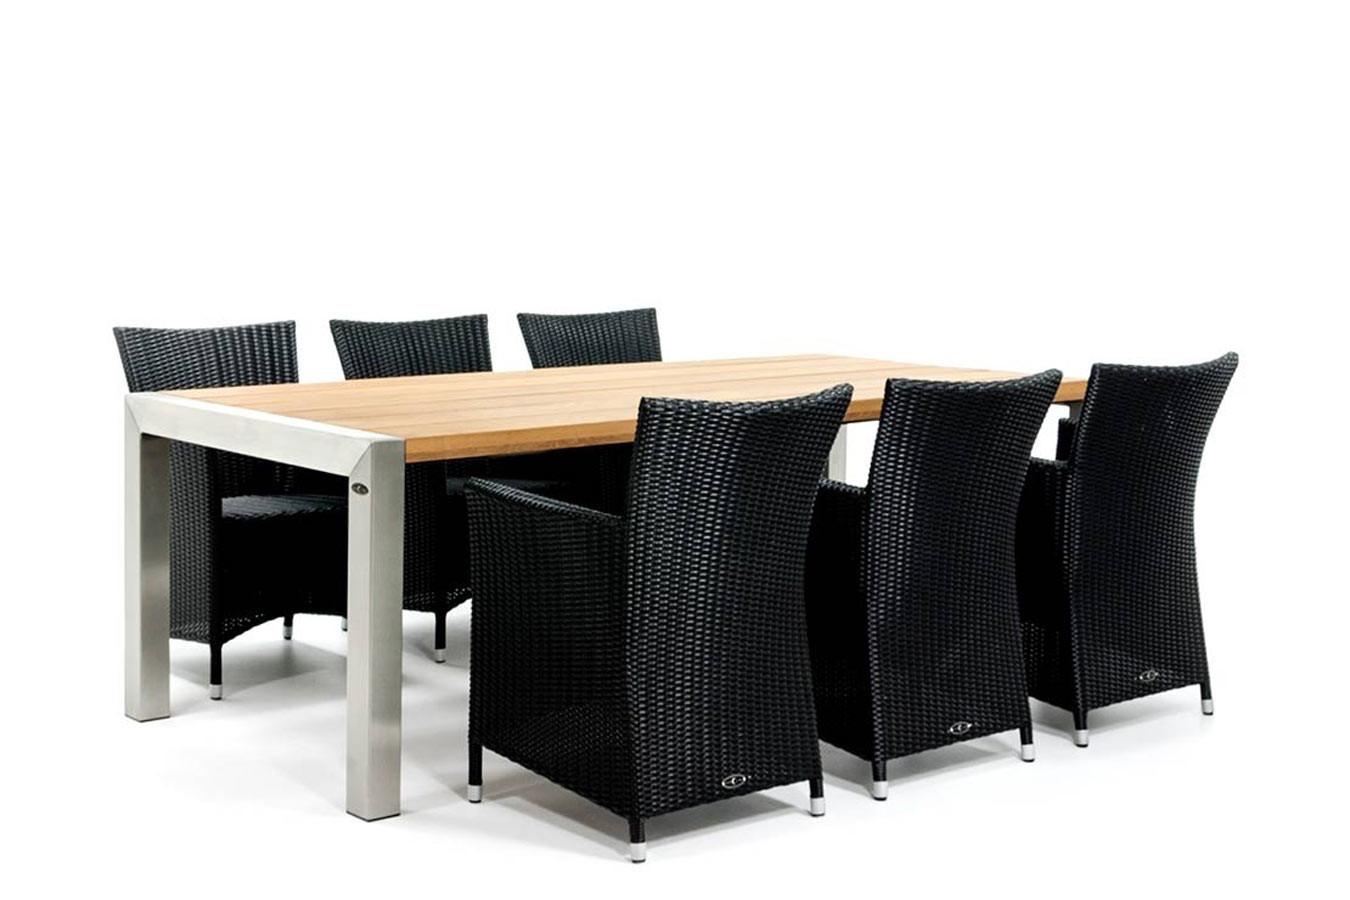 Mooie RVS tafel met hardhouten blad